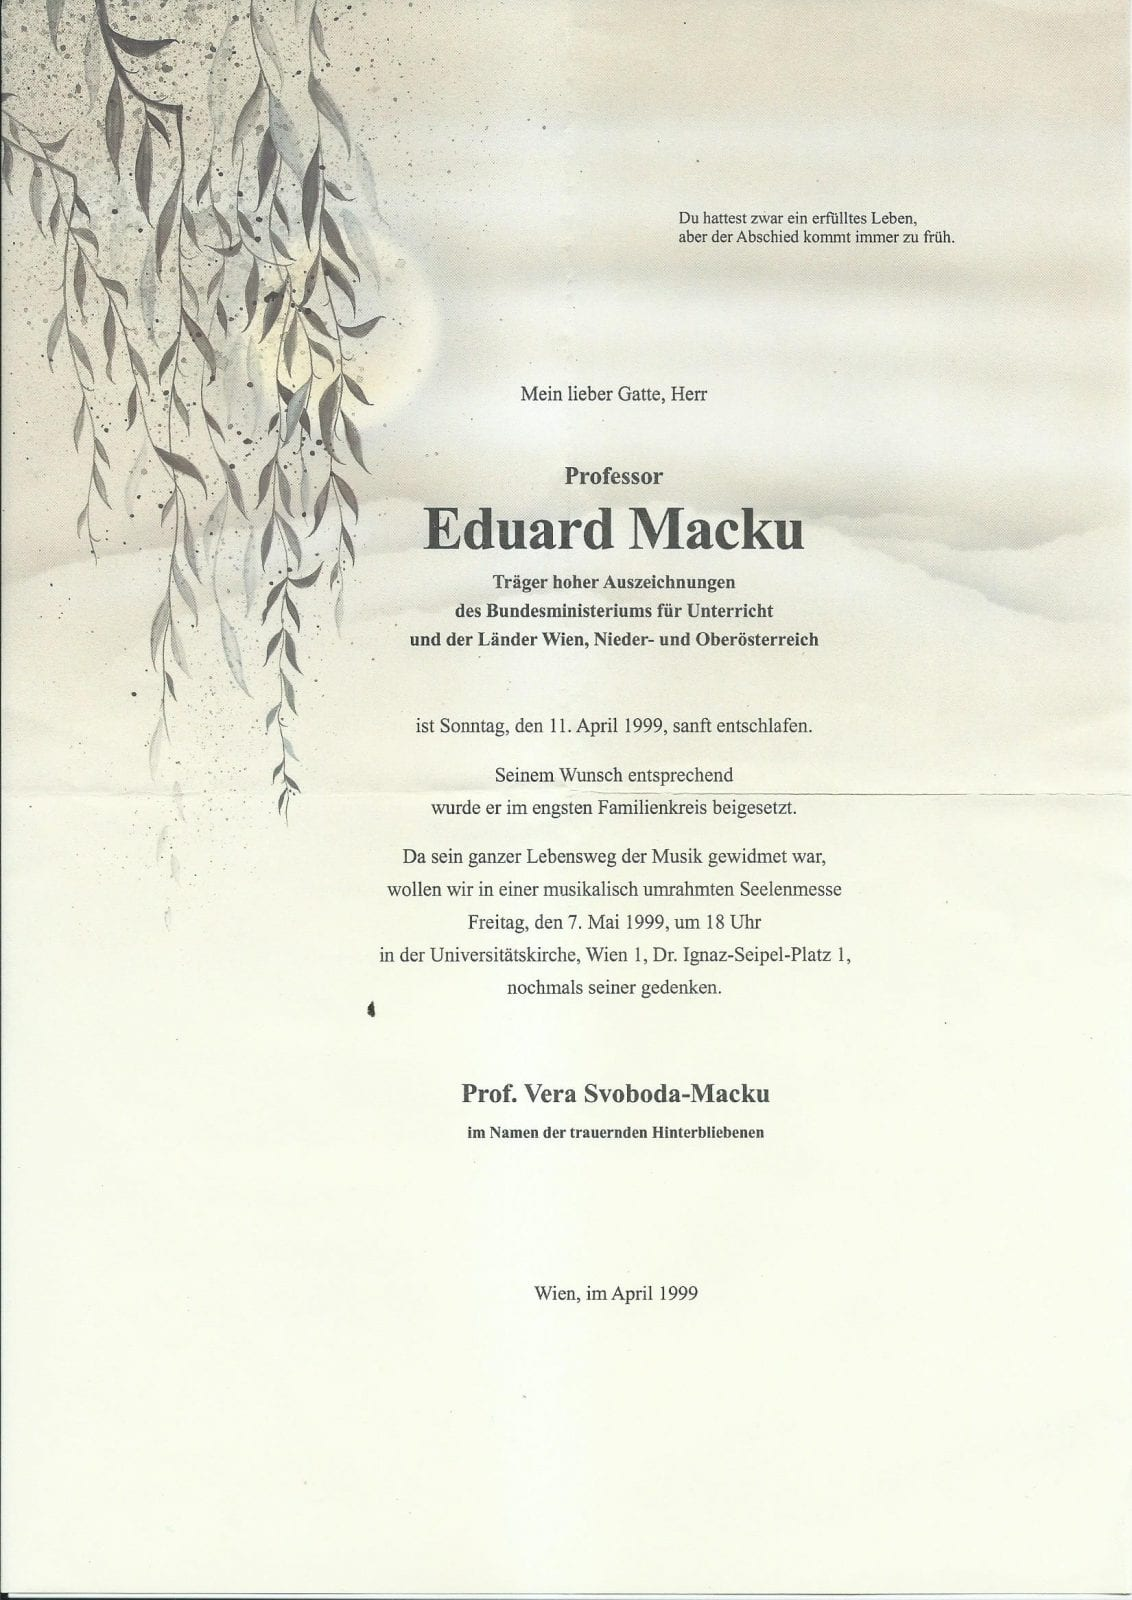 Eduard Macku Parte